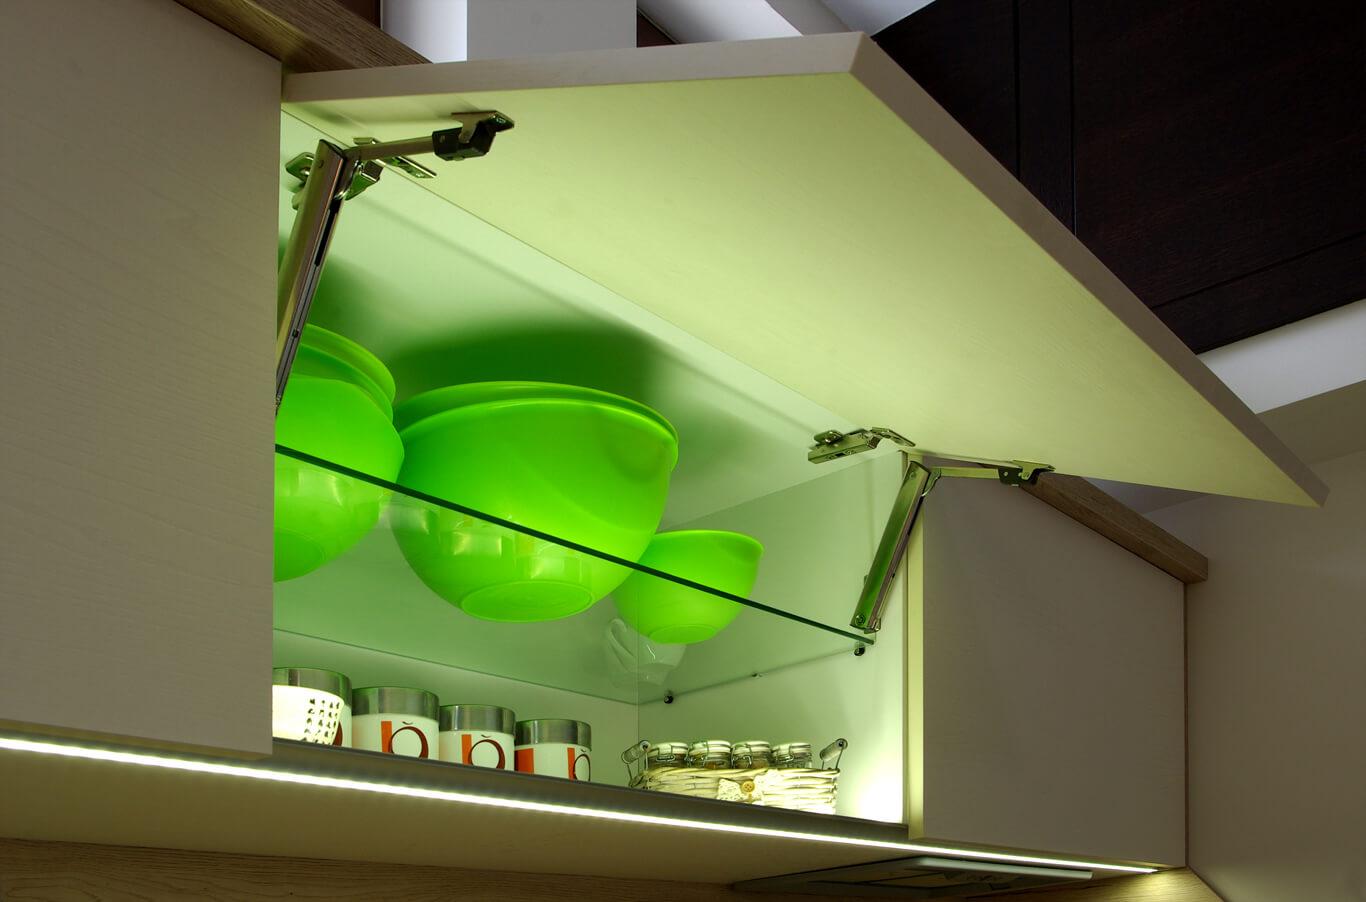 бодилукс повече светлина в горния ред шкафове